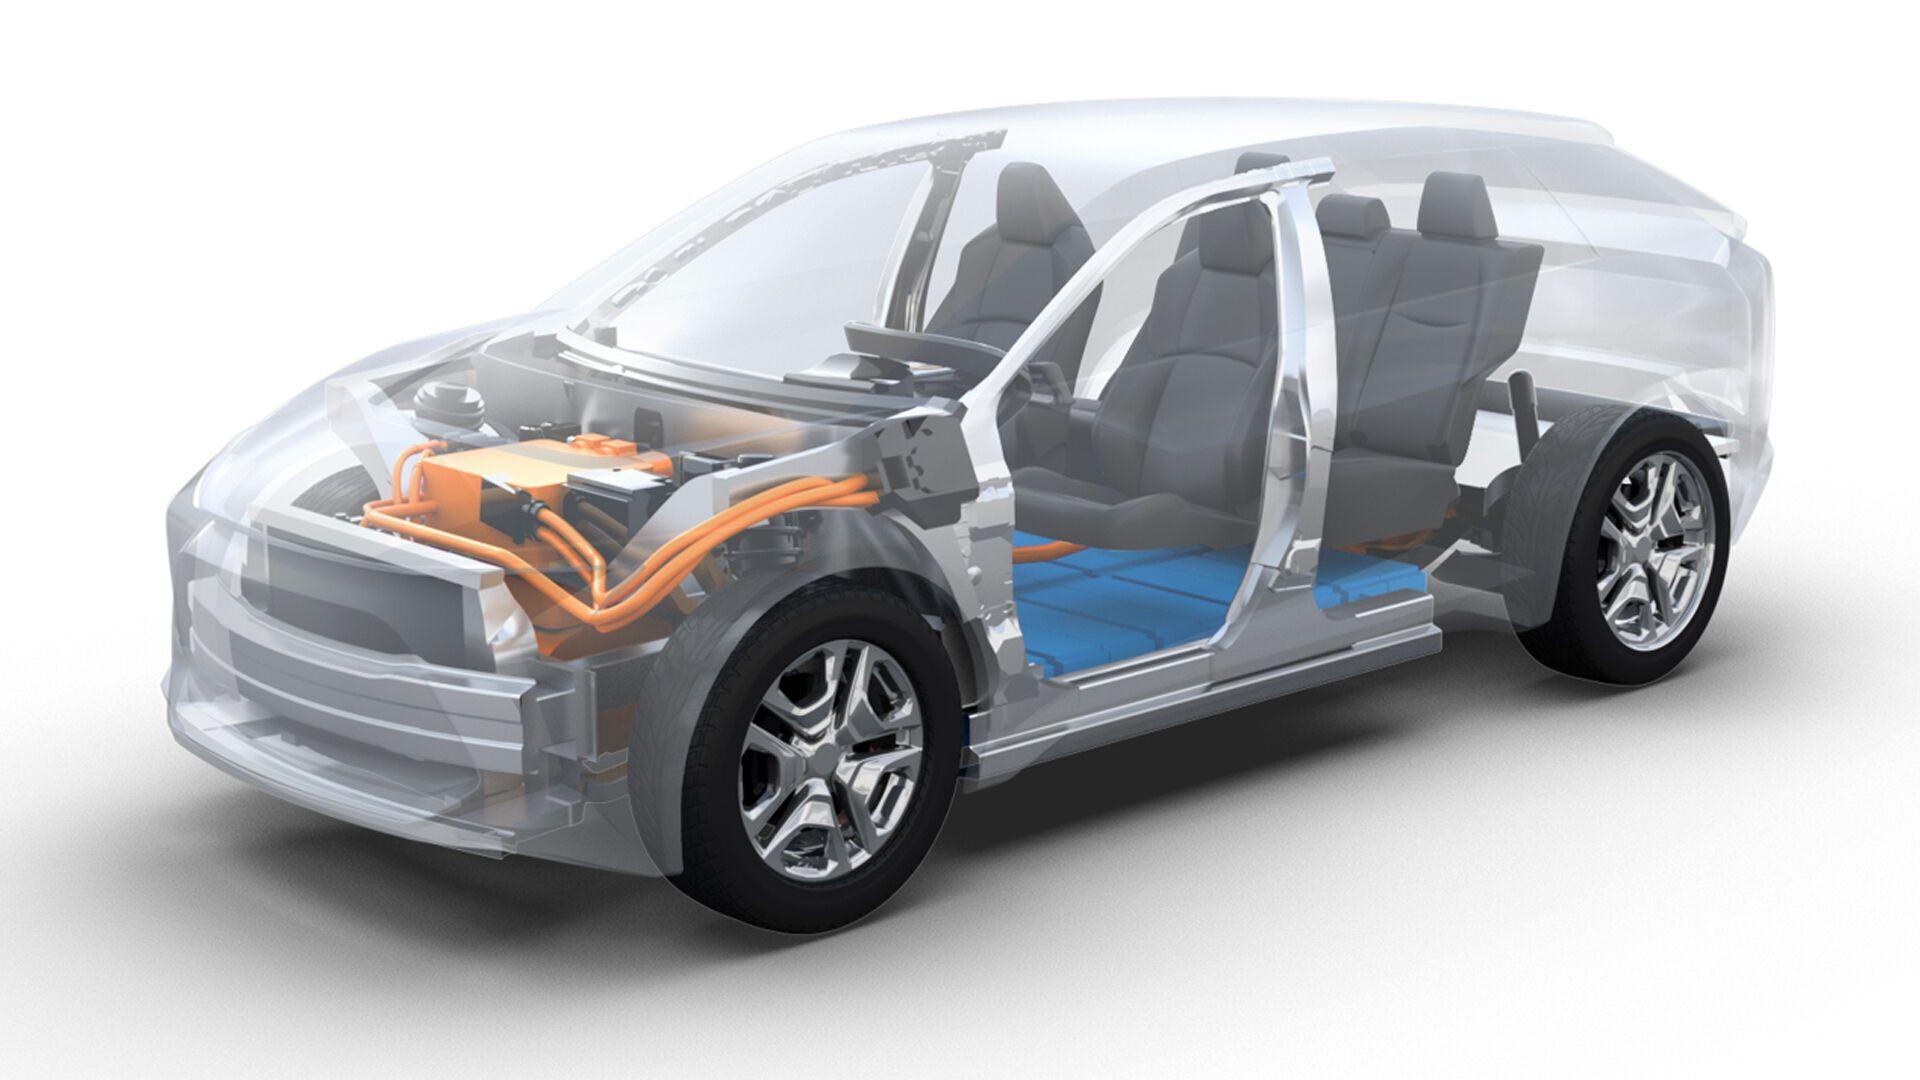 Среднеразмерный кроссовер Toyota будет использовать новую электрическую платформу e-TNGA